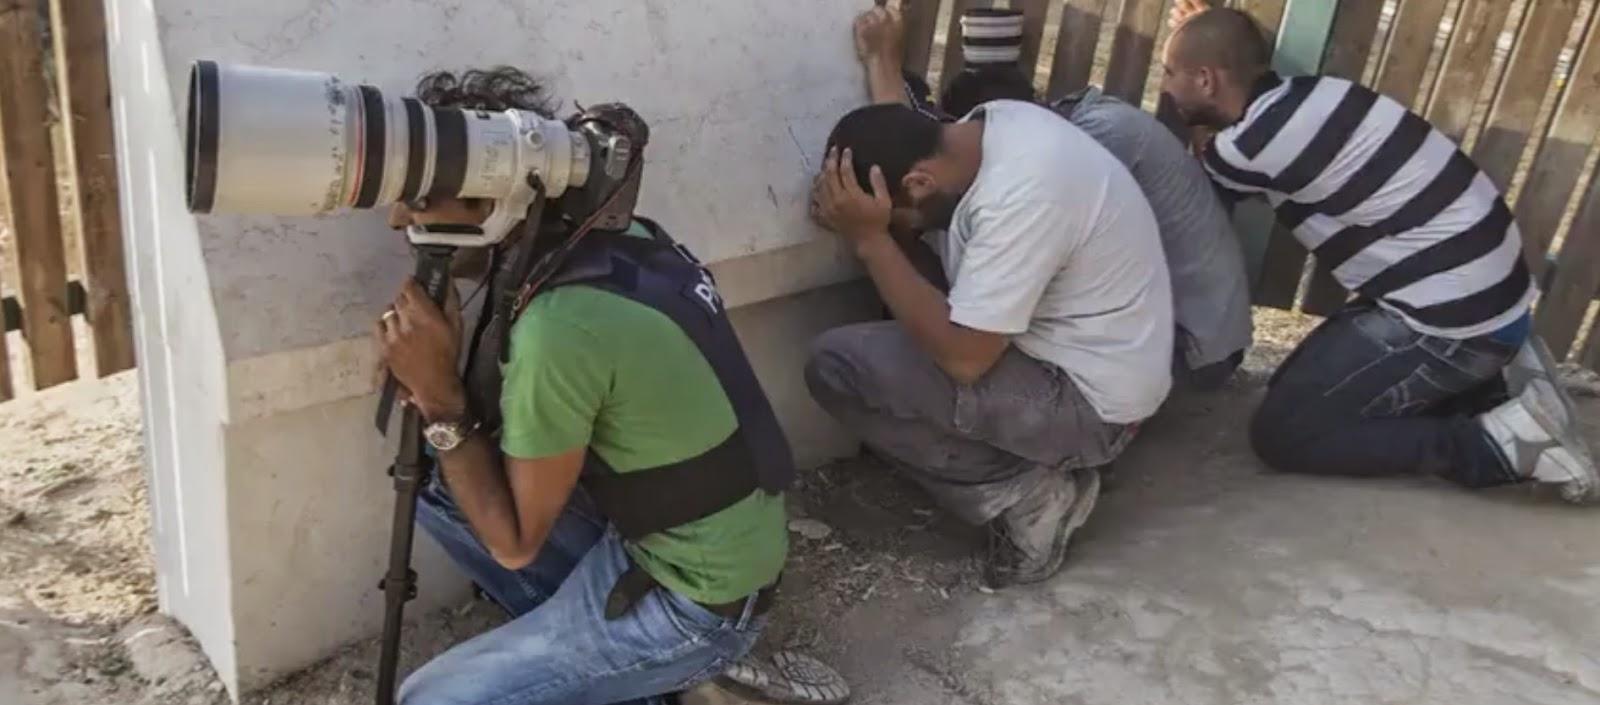 wartawan us mati, wartawan palestin mati, mati kecoh, mati senyap,